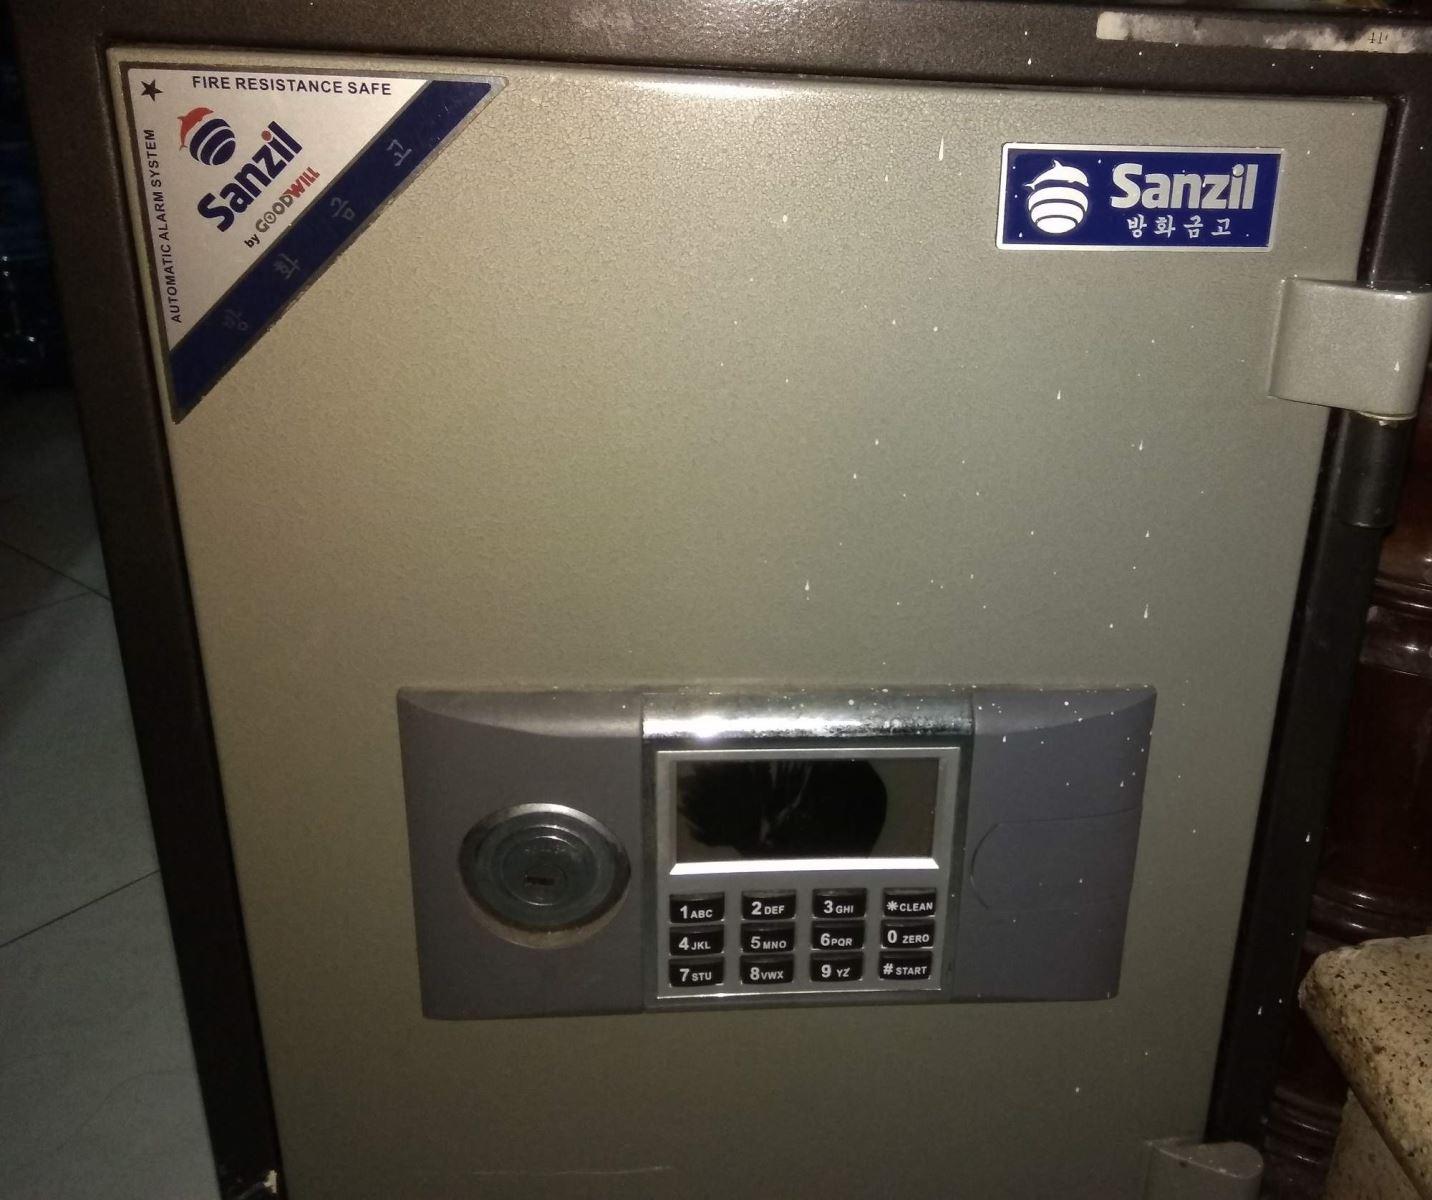 Tư vấn cách sử dụng két sắt Sanzil đơn giản, dễ hiểu nhất